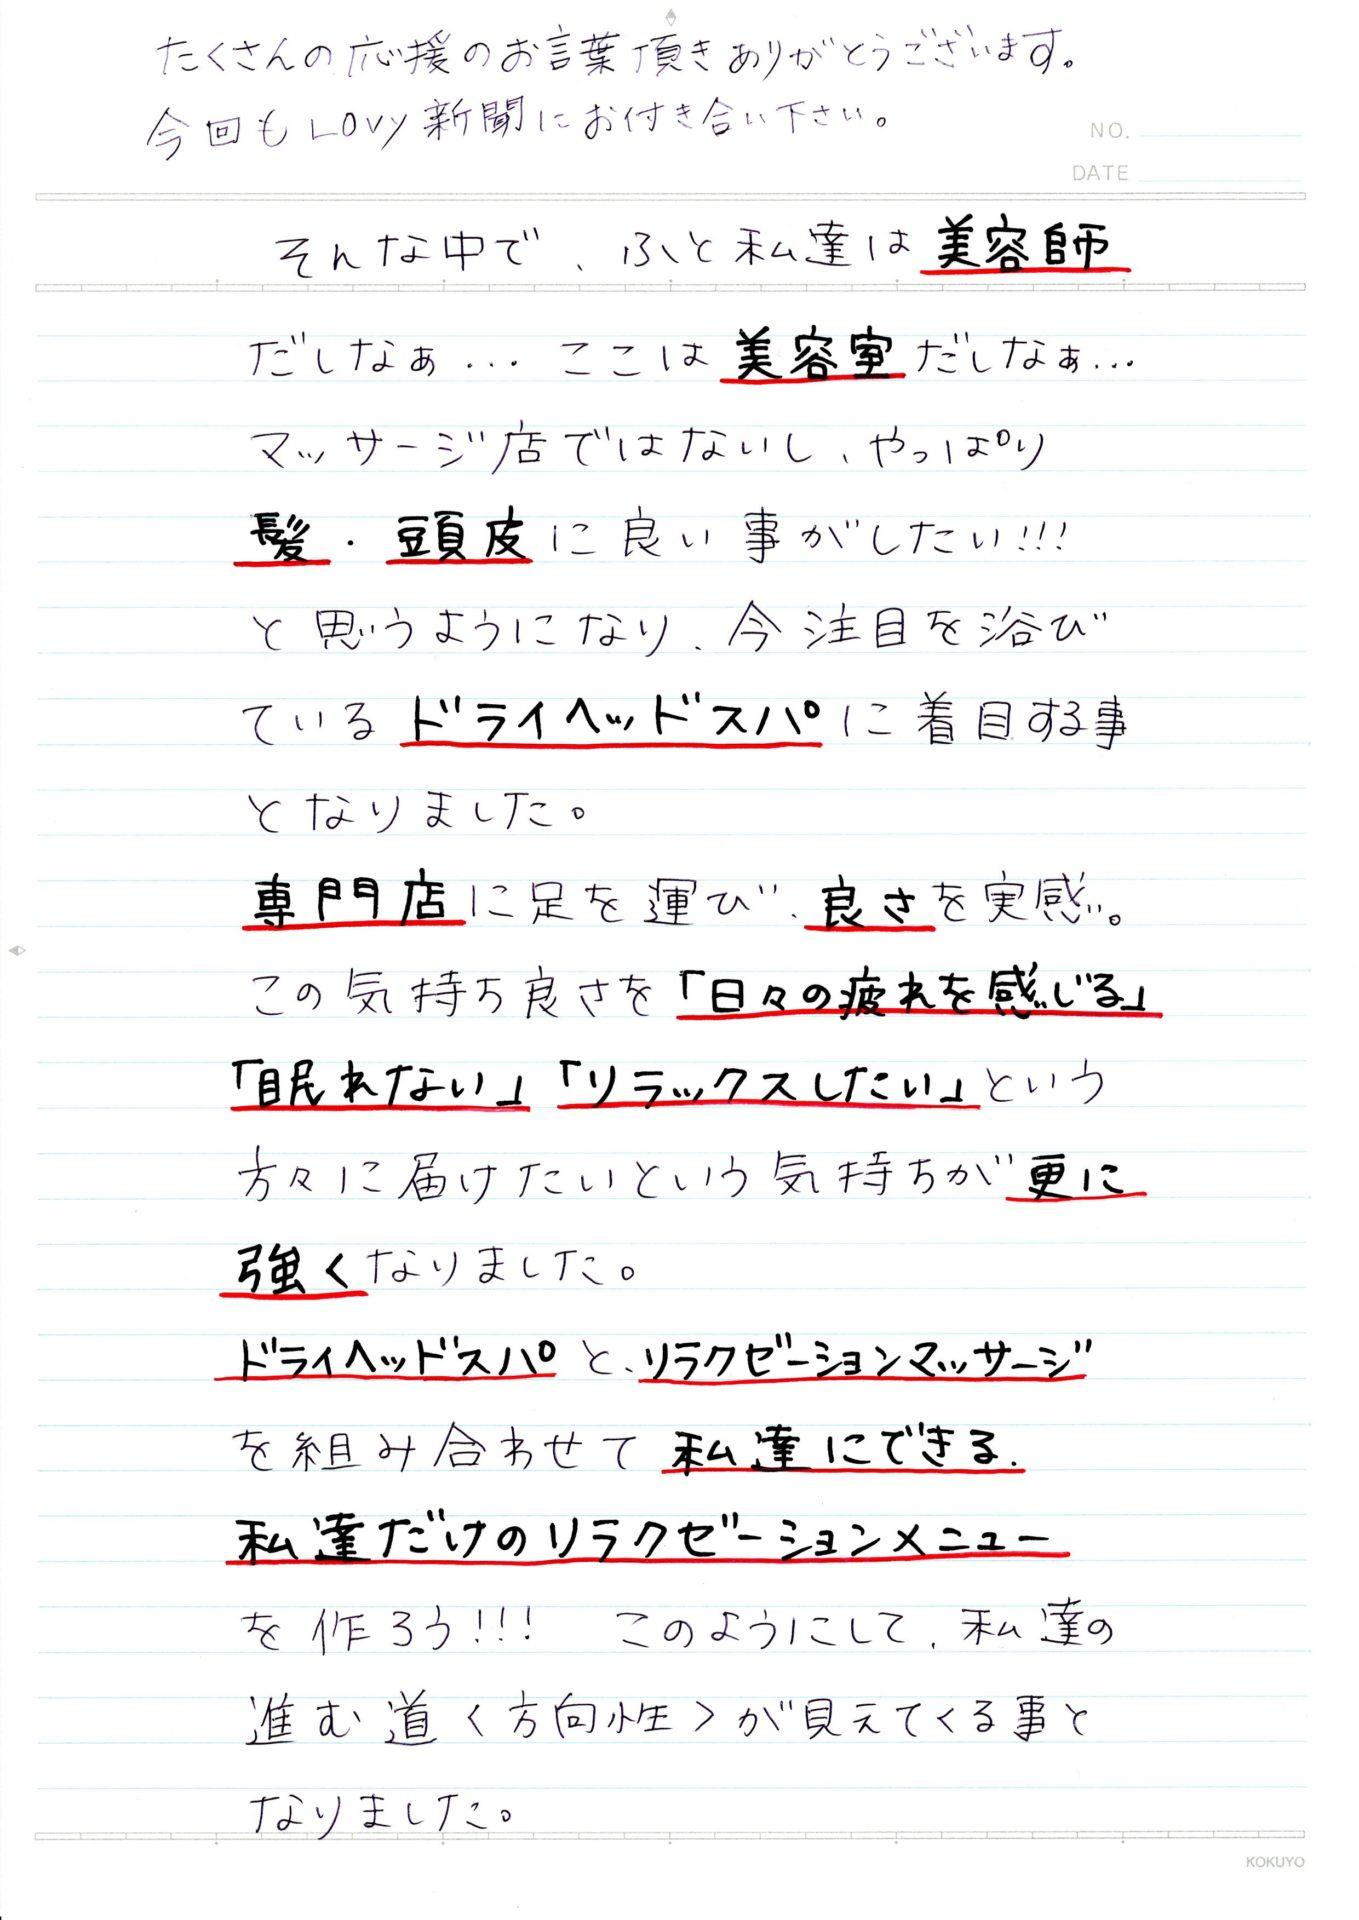 Lovy新聞 ドライヘッドスパ誕生秘話4